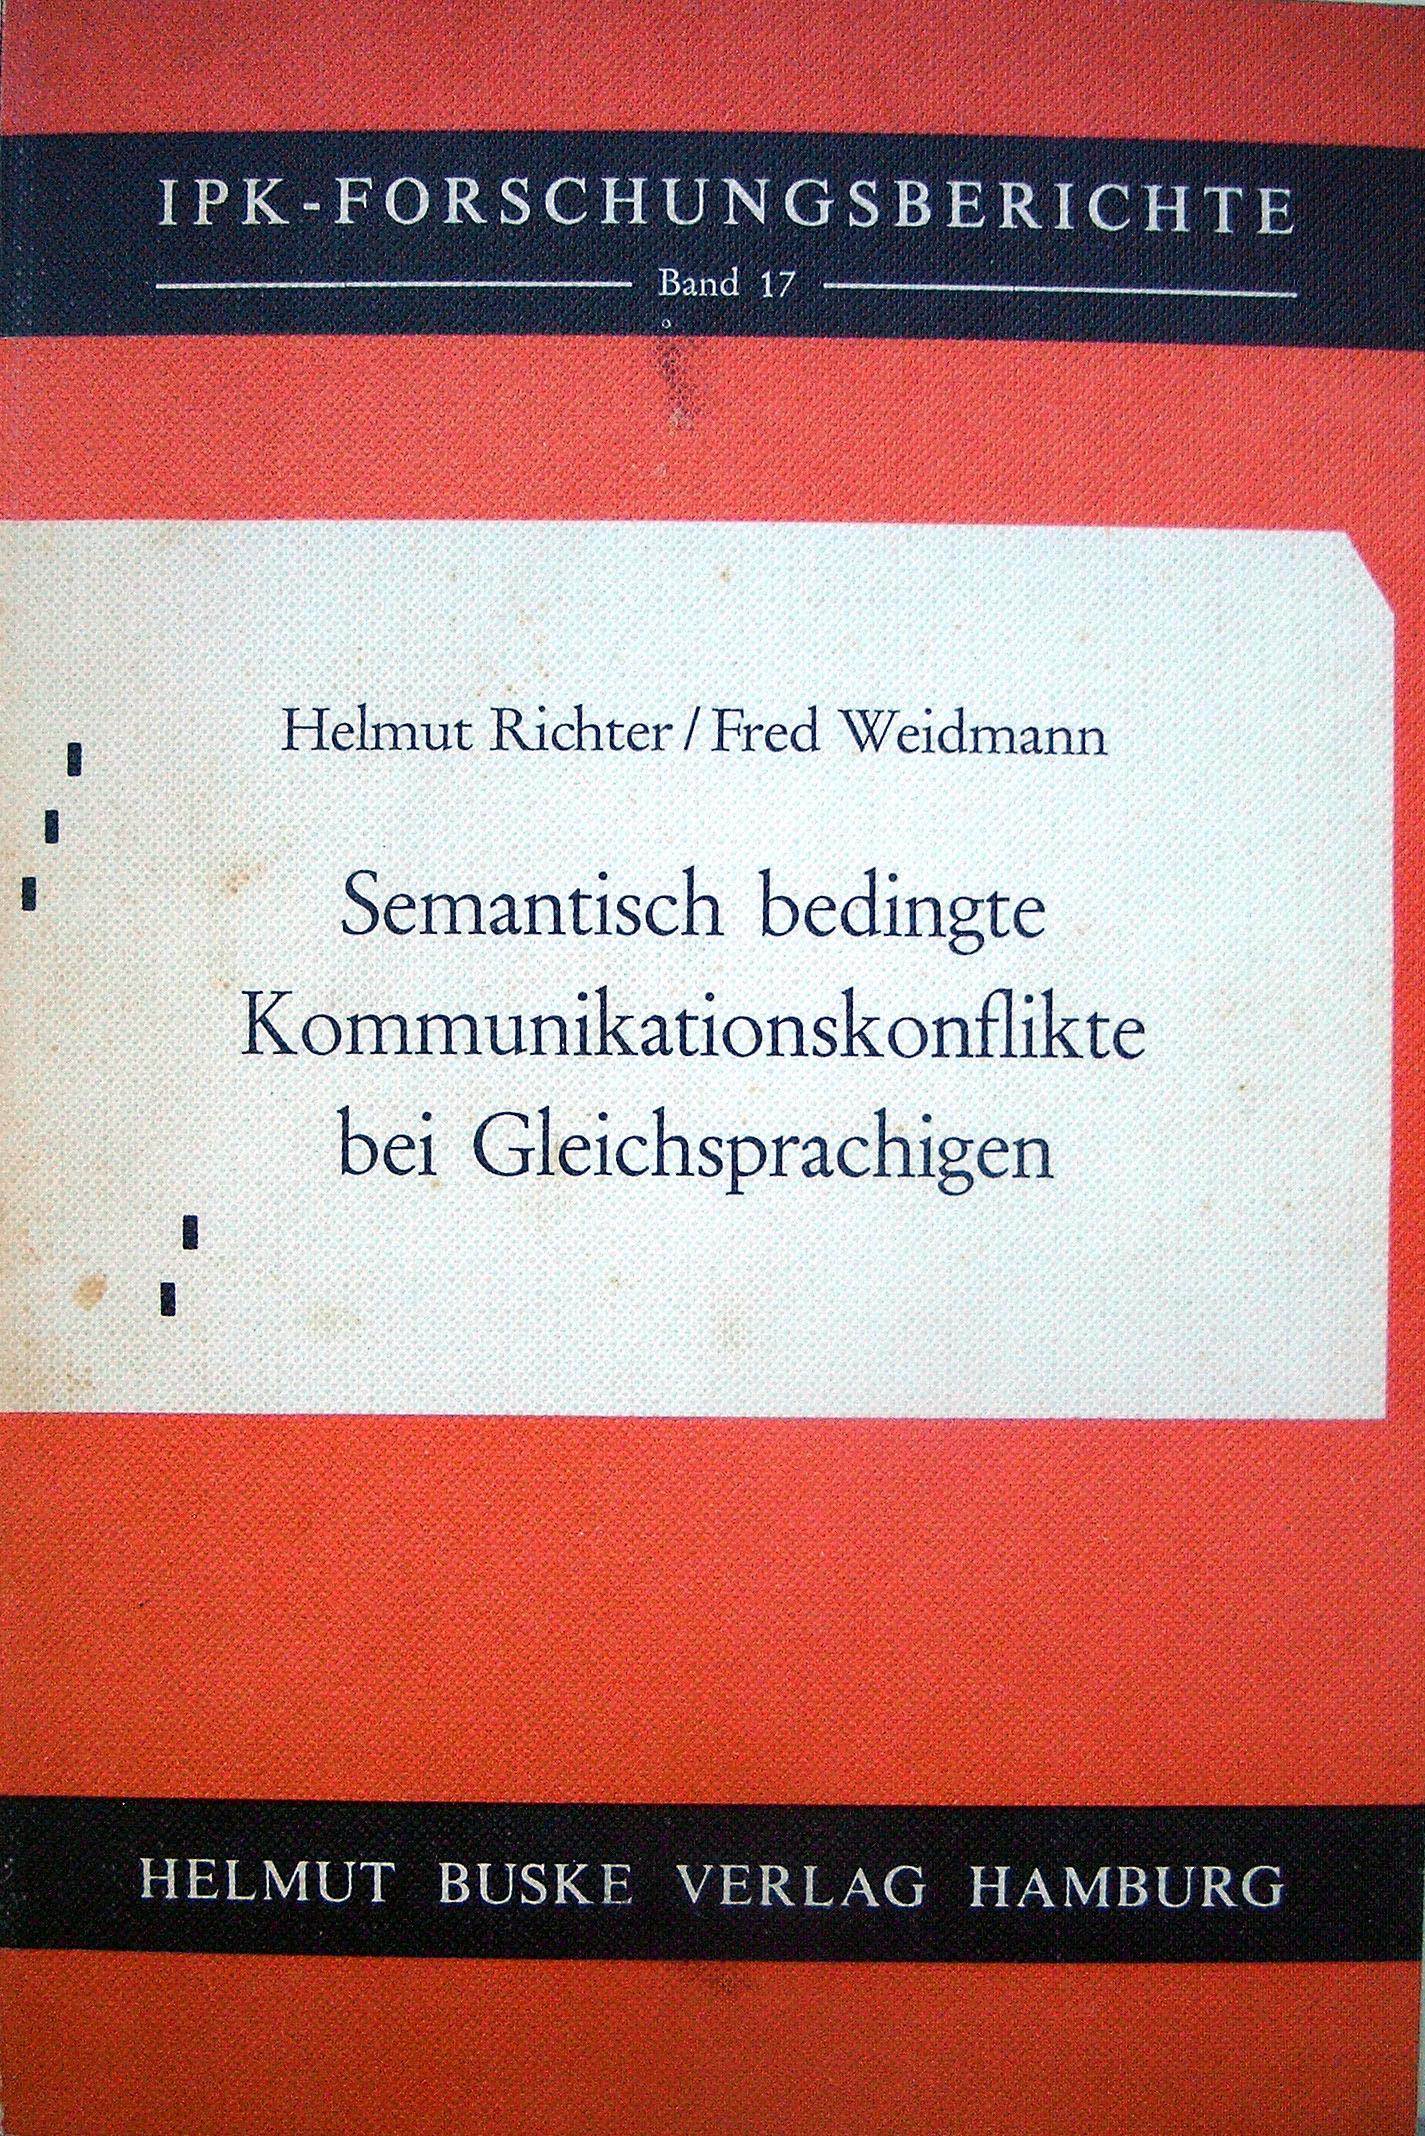 Charmant Fortsetzen Vorlagen Für Freiberufliche Autoren Bilder ...